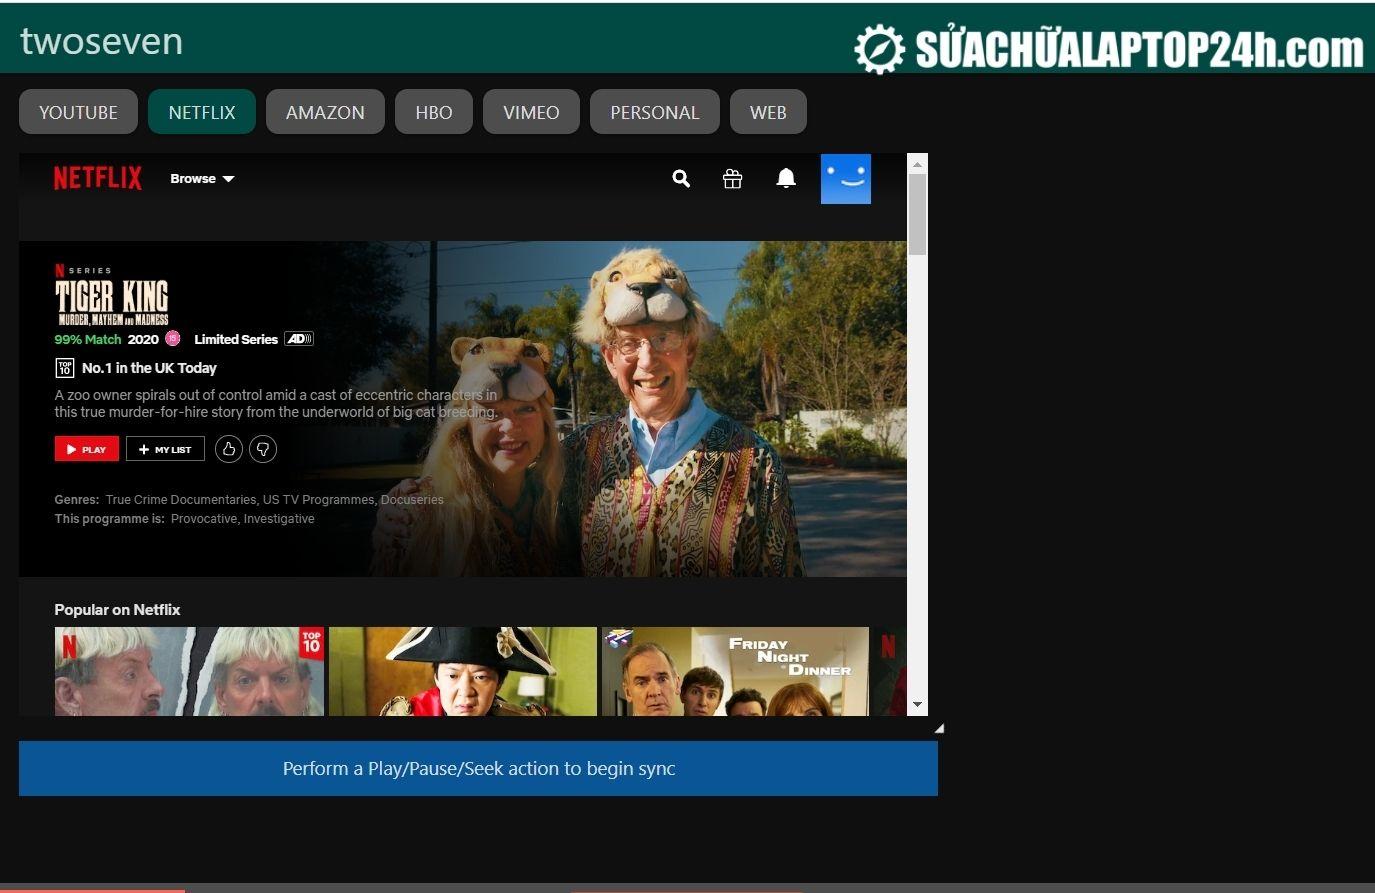 Website Twoseven có thể xem phim ở rất nhiều trang web khác